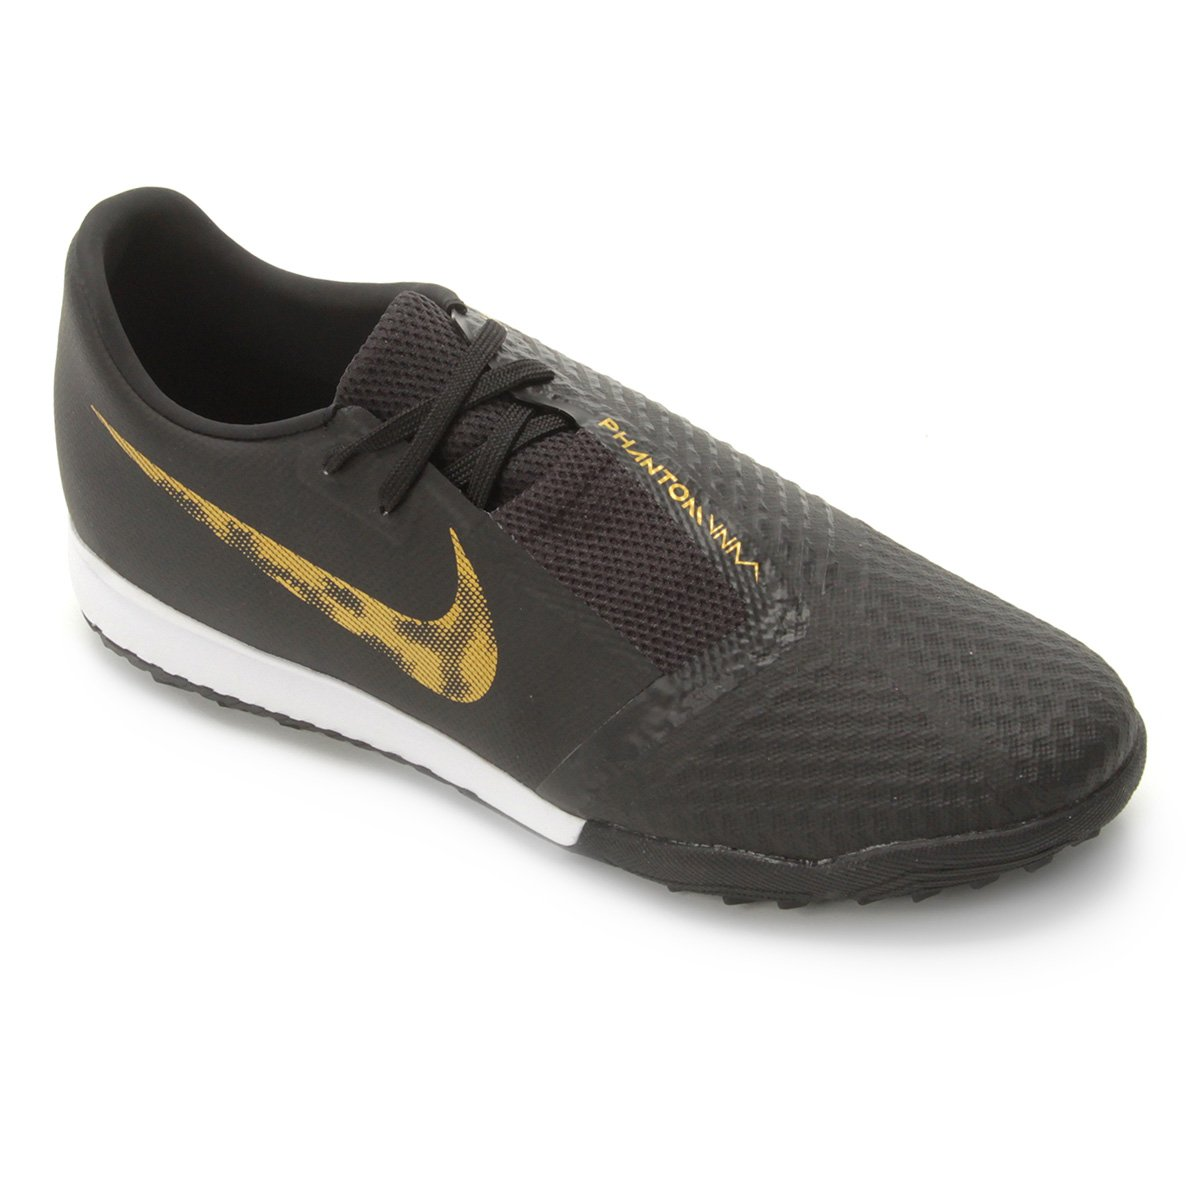 1151c319ac6ae Chuteira Society Nike Phantom Venom Academy TF - Preto e Dourado - Compre  Agora